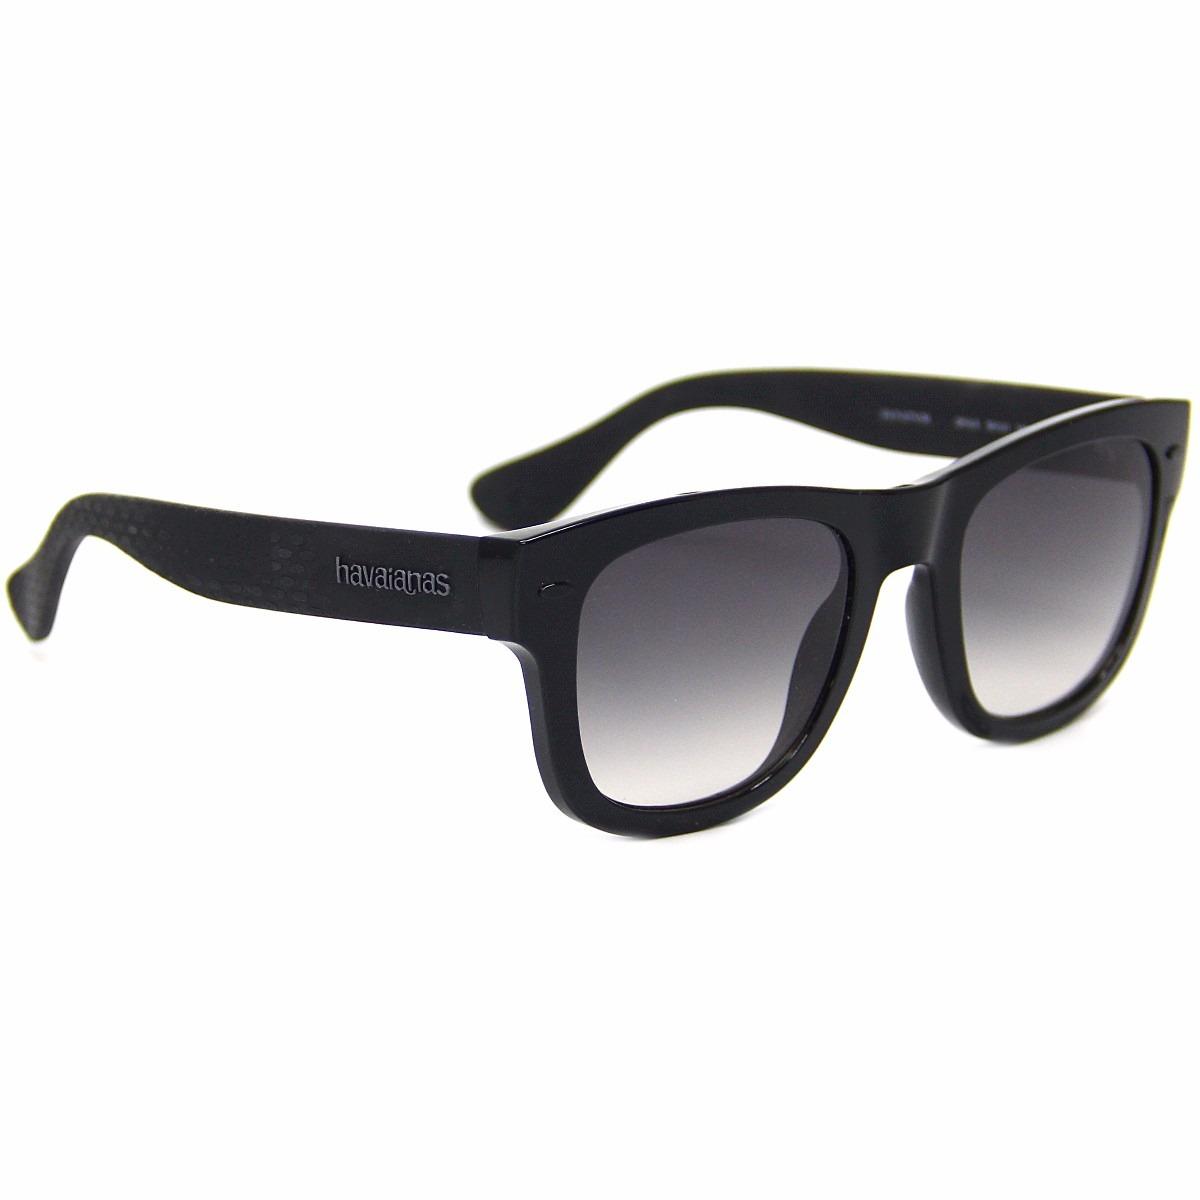 óculos de sol havaianas paraty m quadrado. Carregando zoom. 25c313f8c1